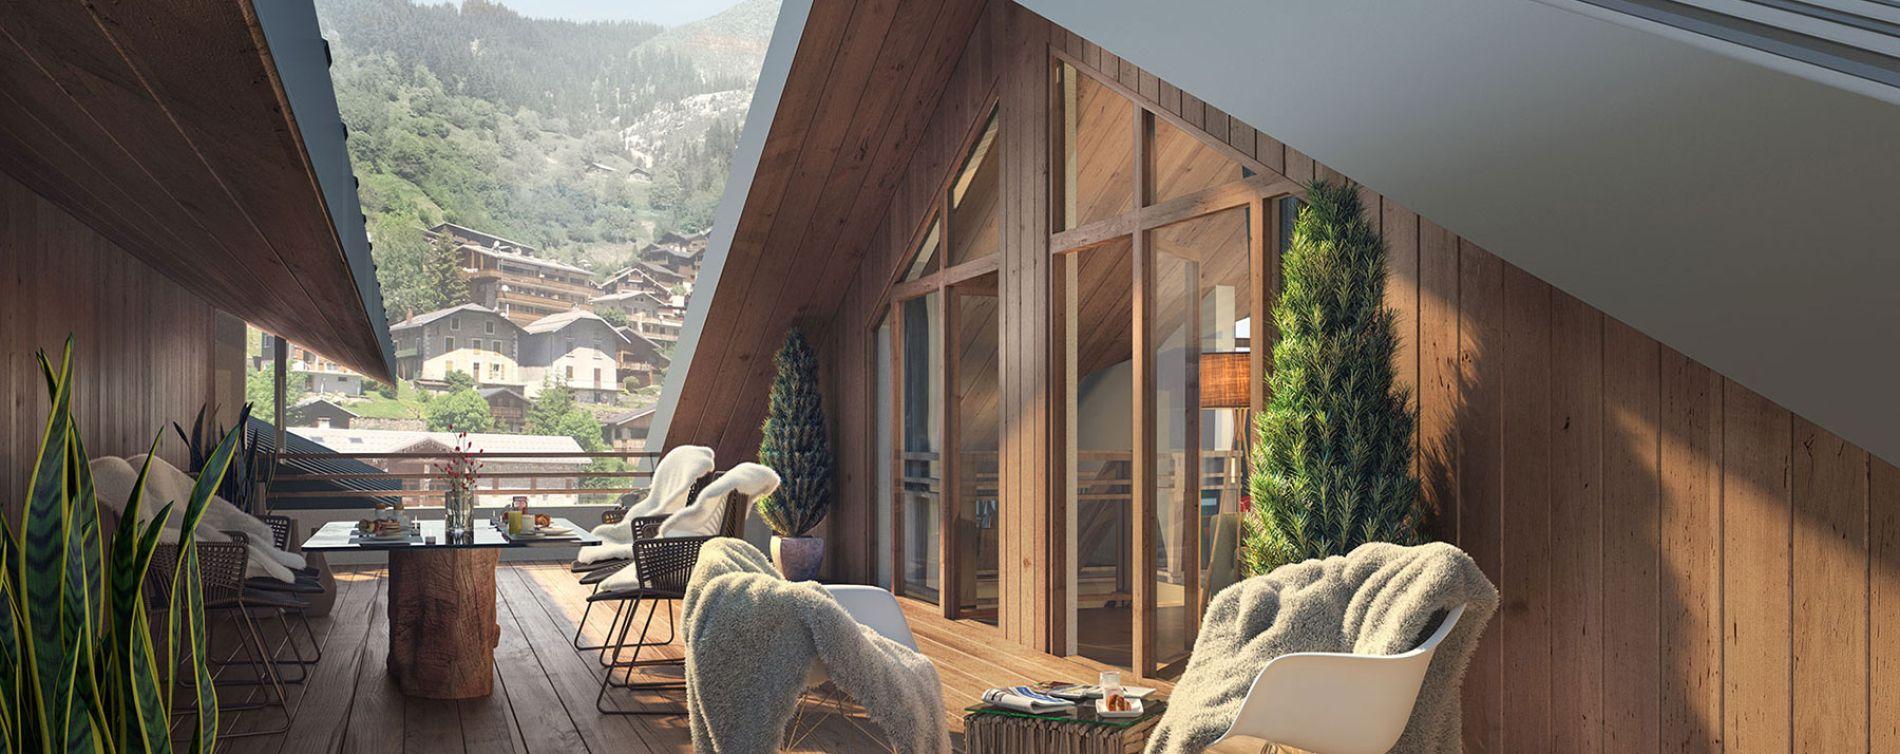 Résidence Les Terrasses de La Vanoise à Champagny-en-Vanoise